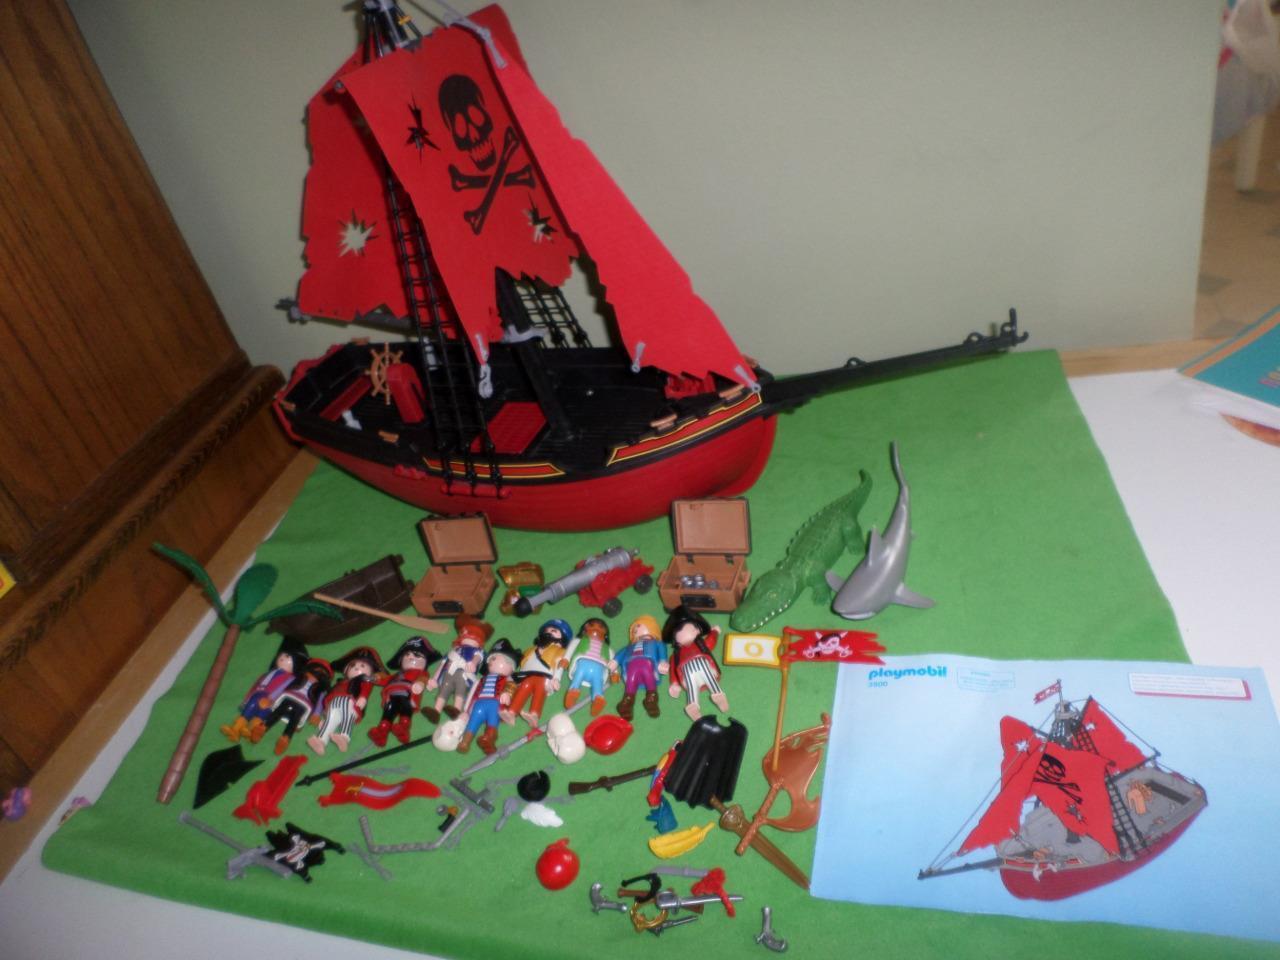 Playmobil Pirate Ship 3900 Instructions cifras Cannon Treasure Skull  LOT RARE  prezzo basso